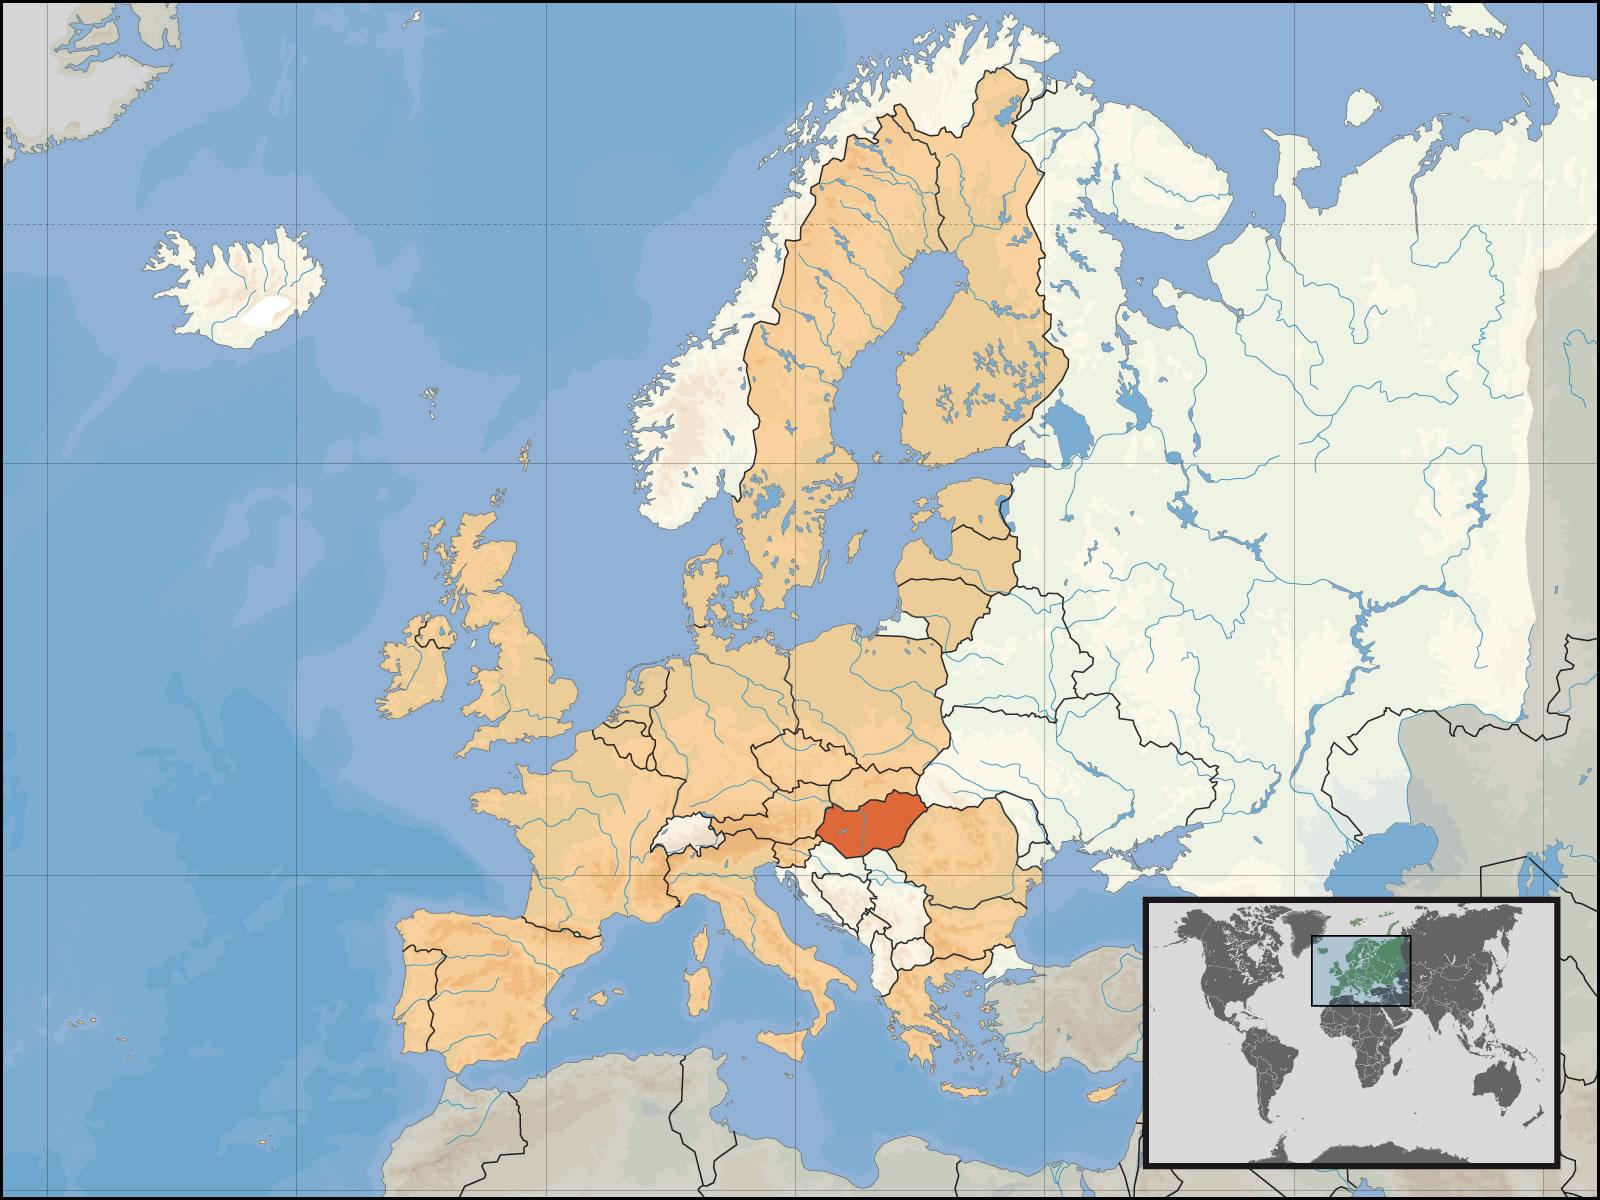 carte de monde hongrie - Image